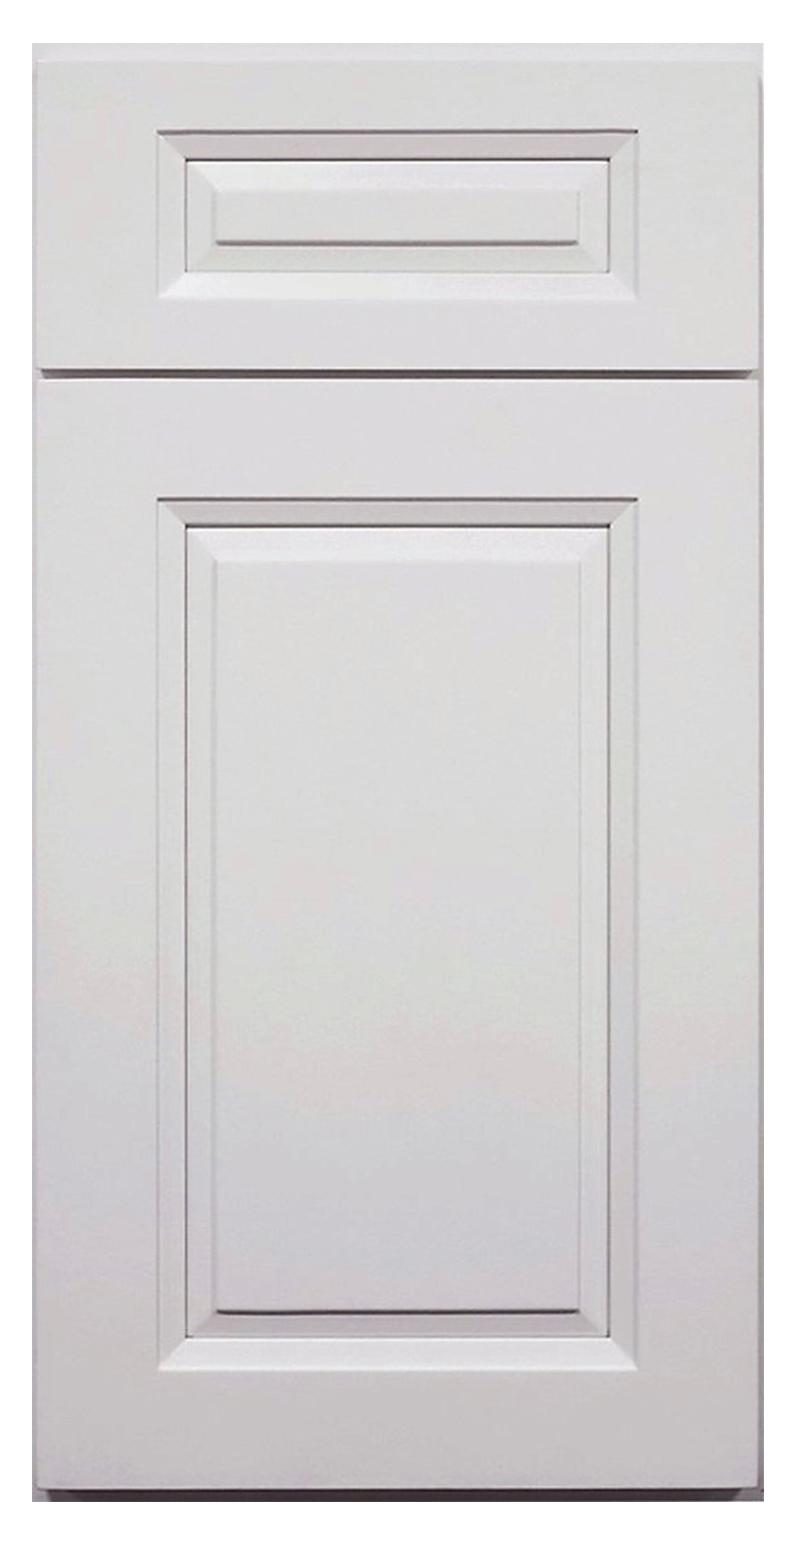 Raised Panel Door Light Grey